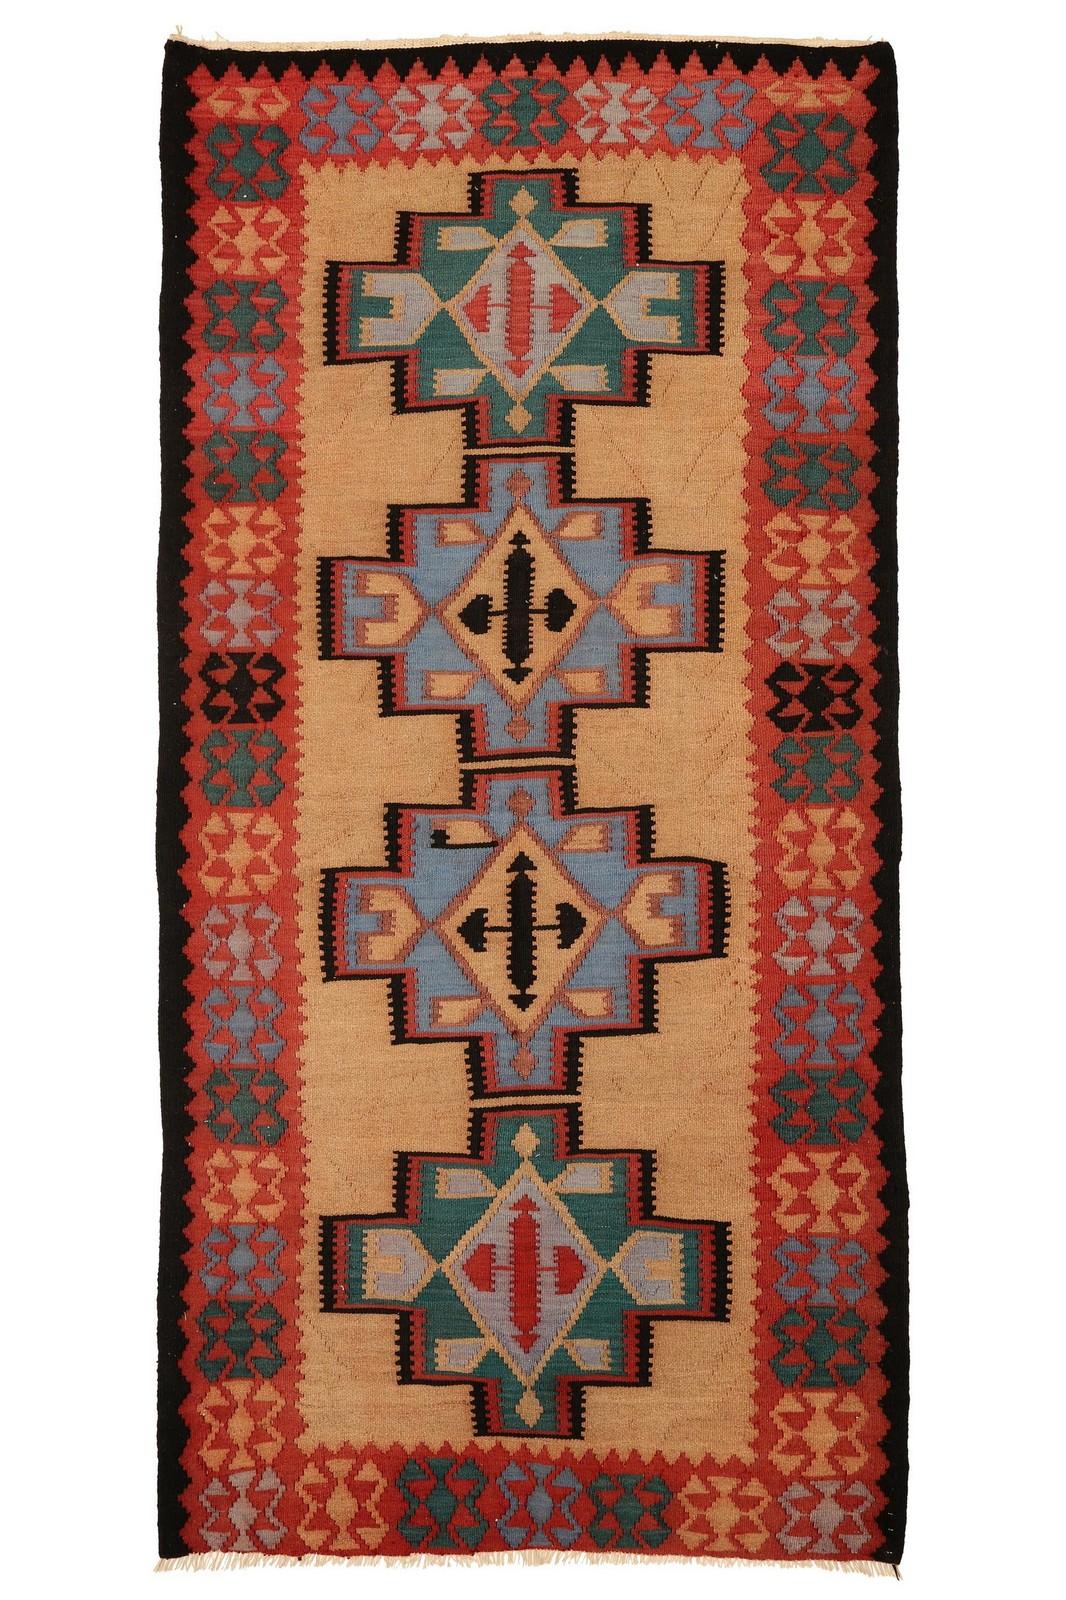 Persisk Harsin Kelim 317 x 156 cm - Persisk Harsin Kelim, uld på bomuld. 317 x 156 cm